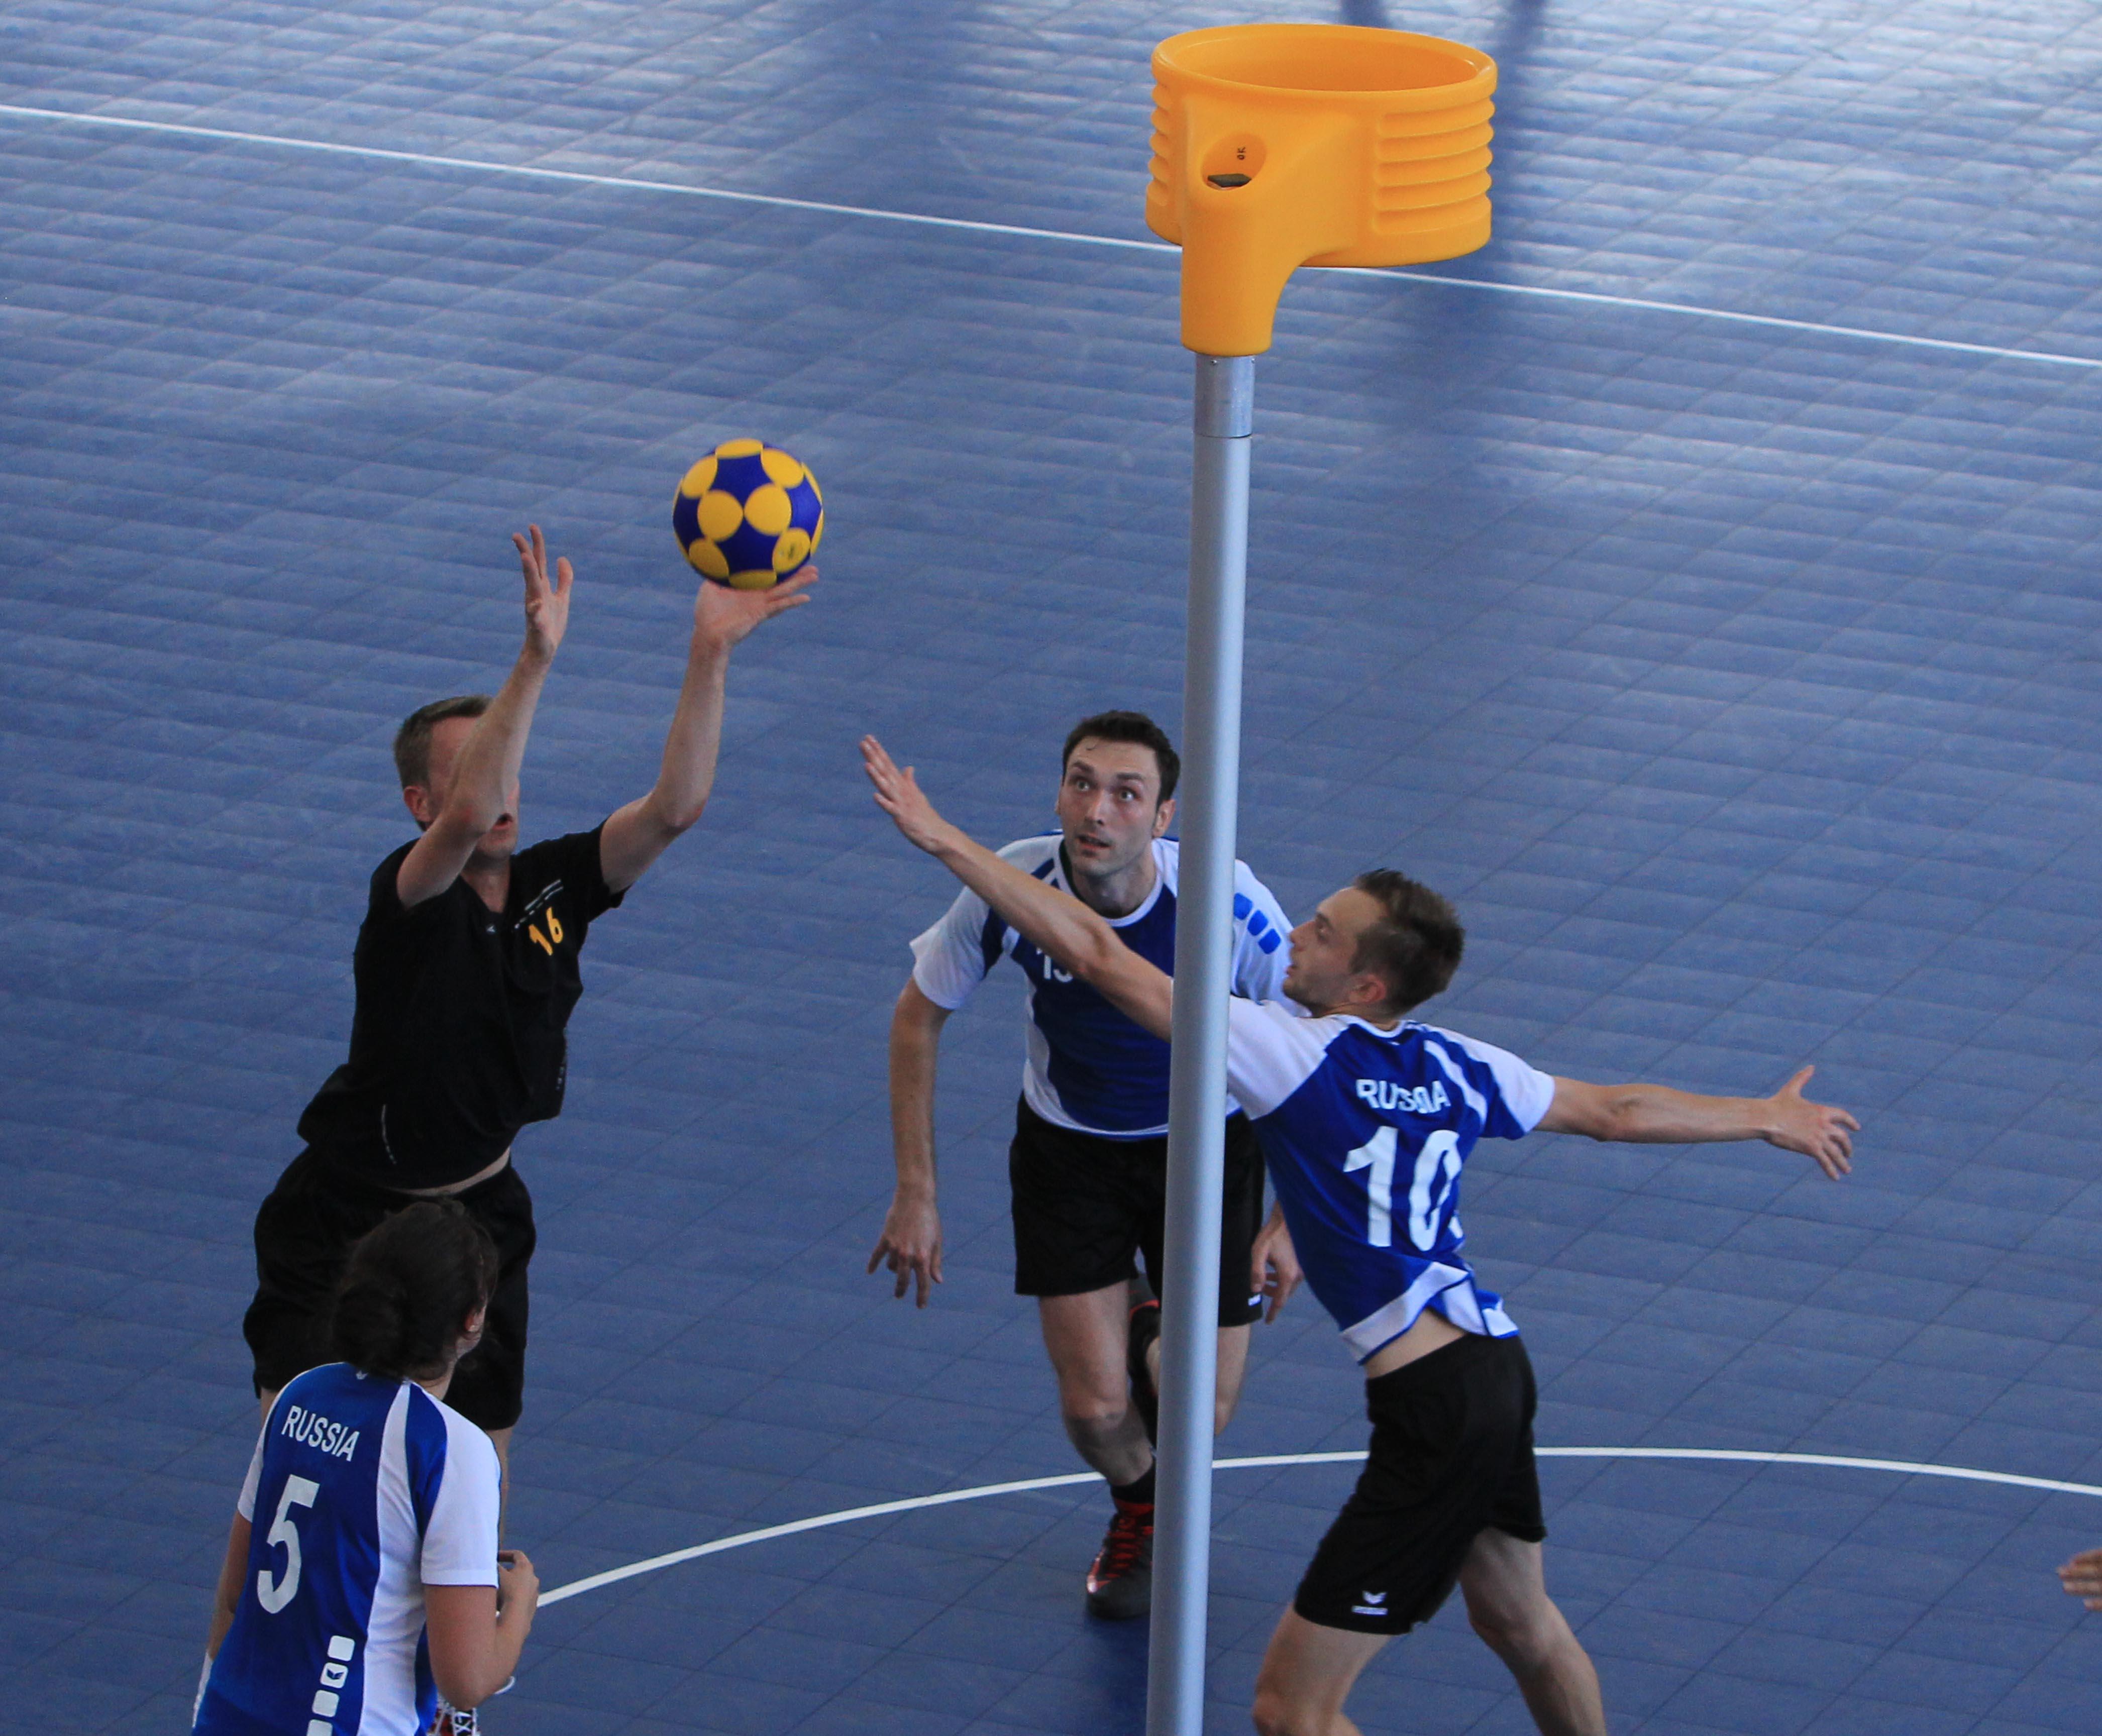 """Korfball el """"primo"""" del baloncesto inicia competencias en JJ. MM."""